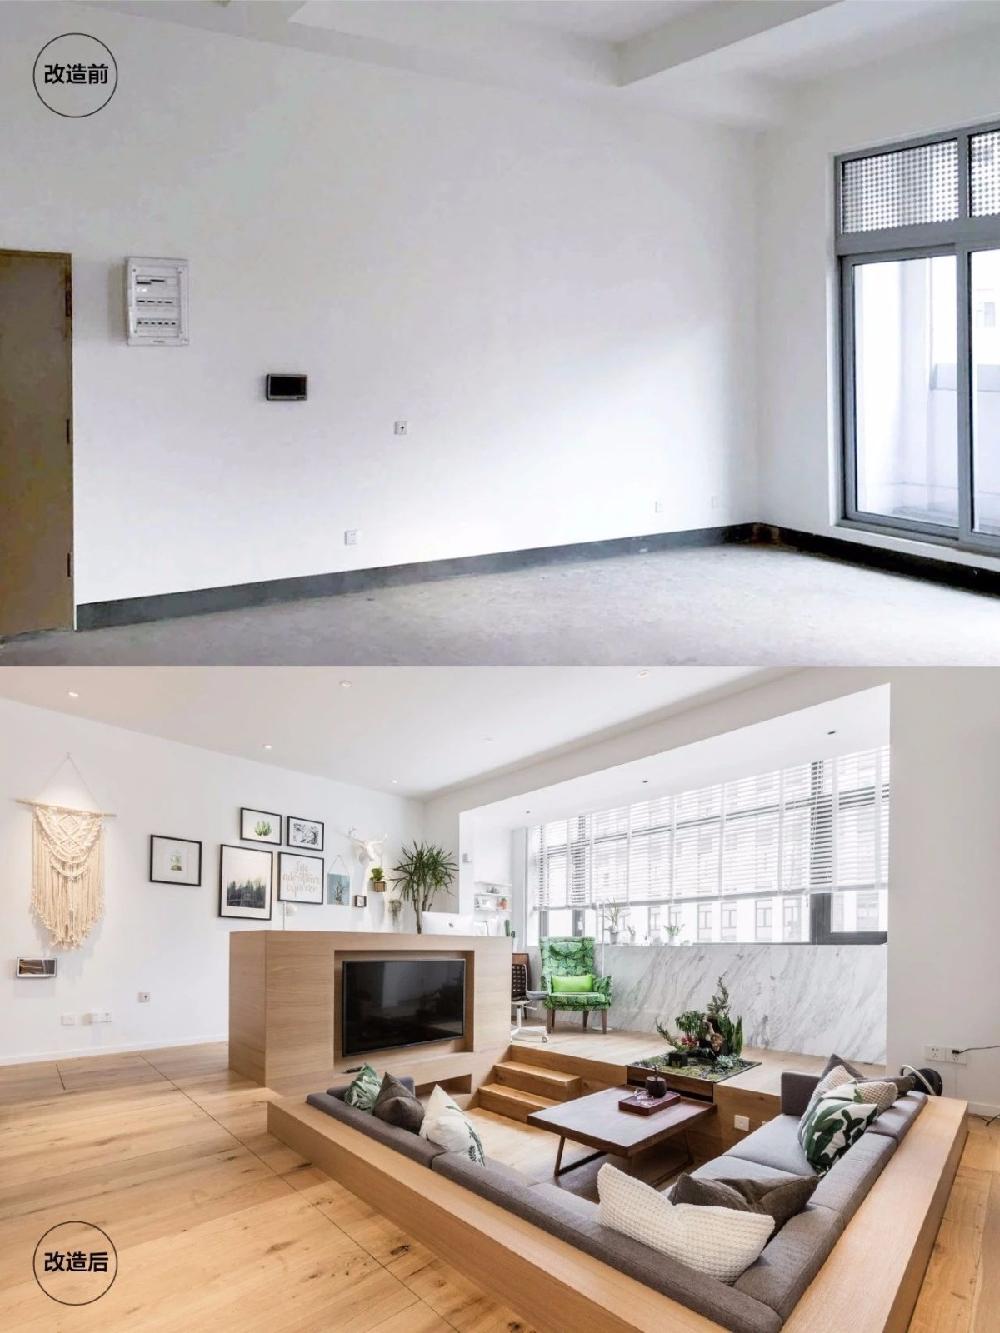 撬开地板、把卧室悬空,60㎡小家变豪宅!12416024